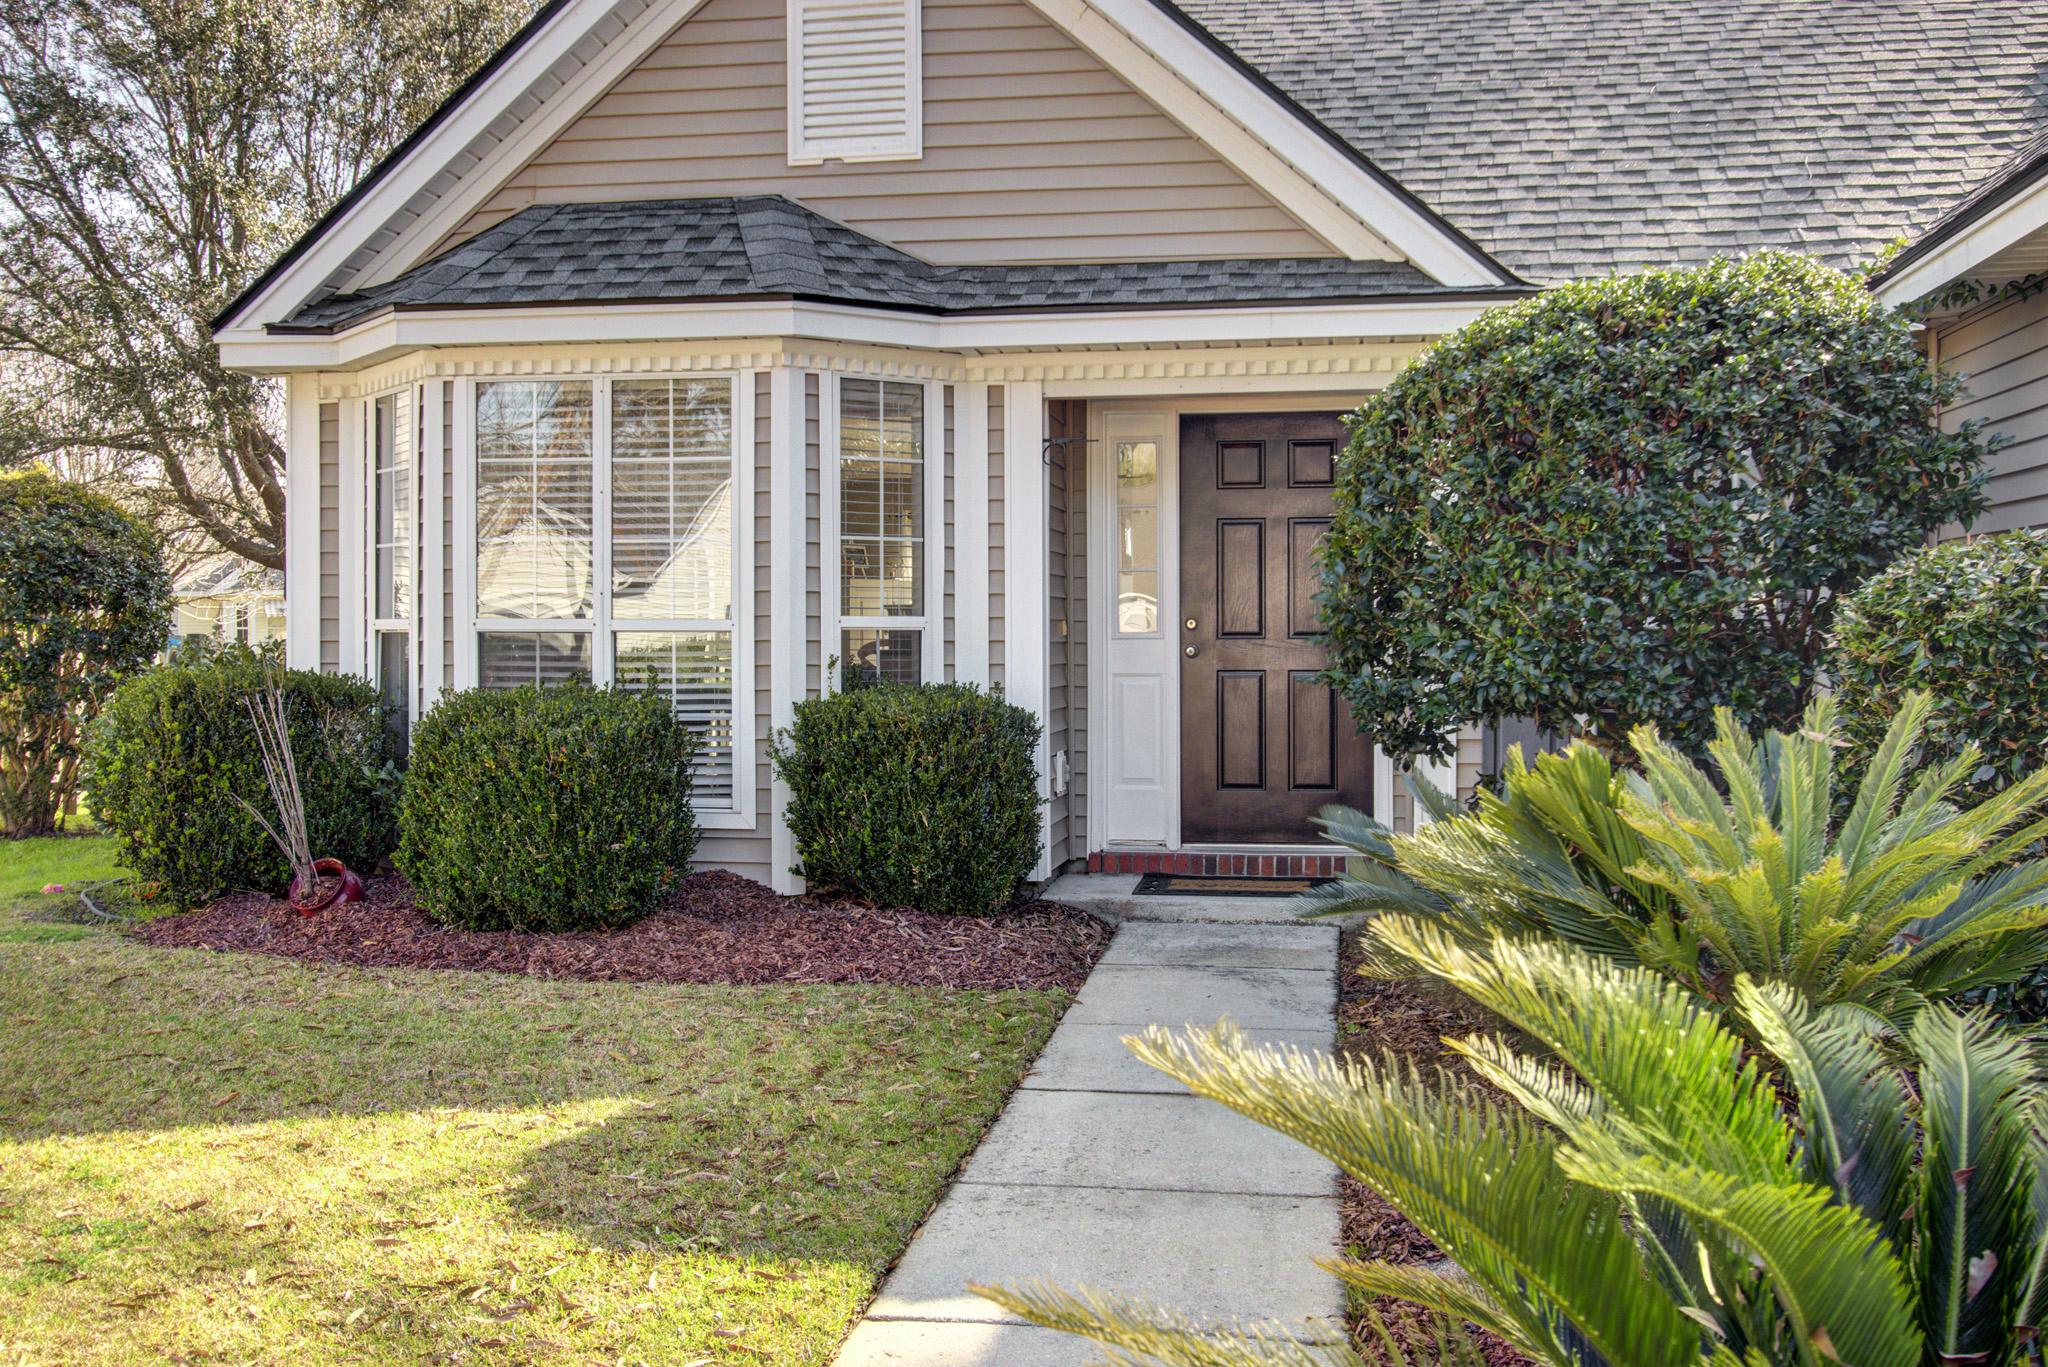 Dunes West Homes For Sale - 1425 Water Oak Cut, Mount Pleasant, SC - 20